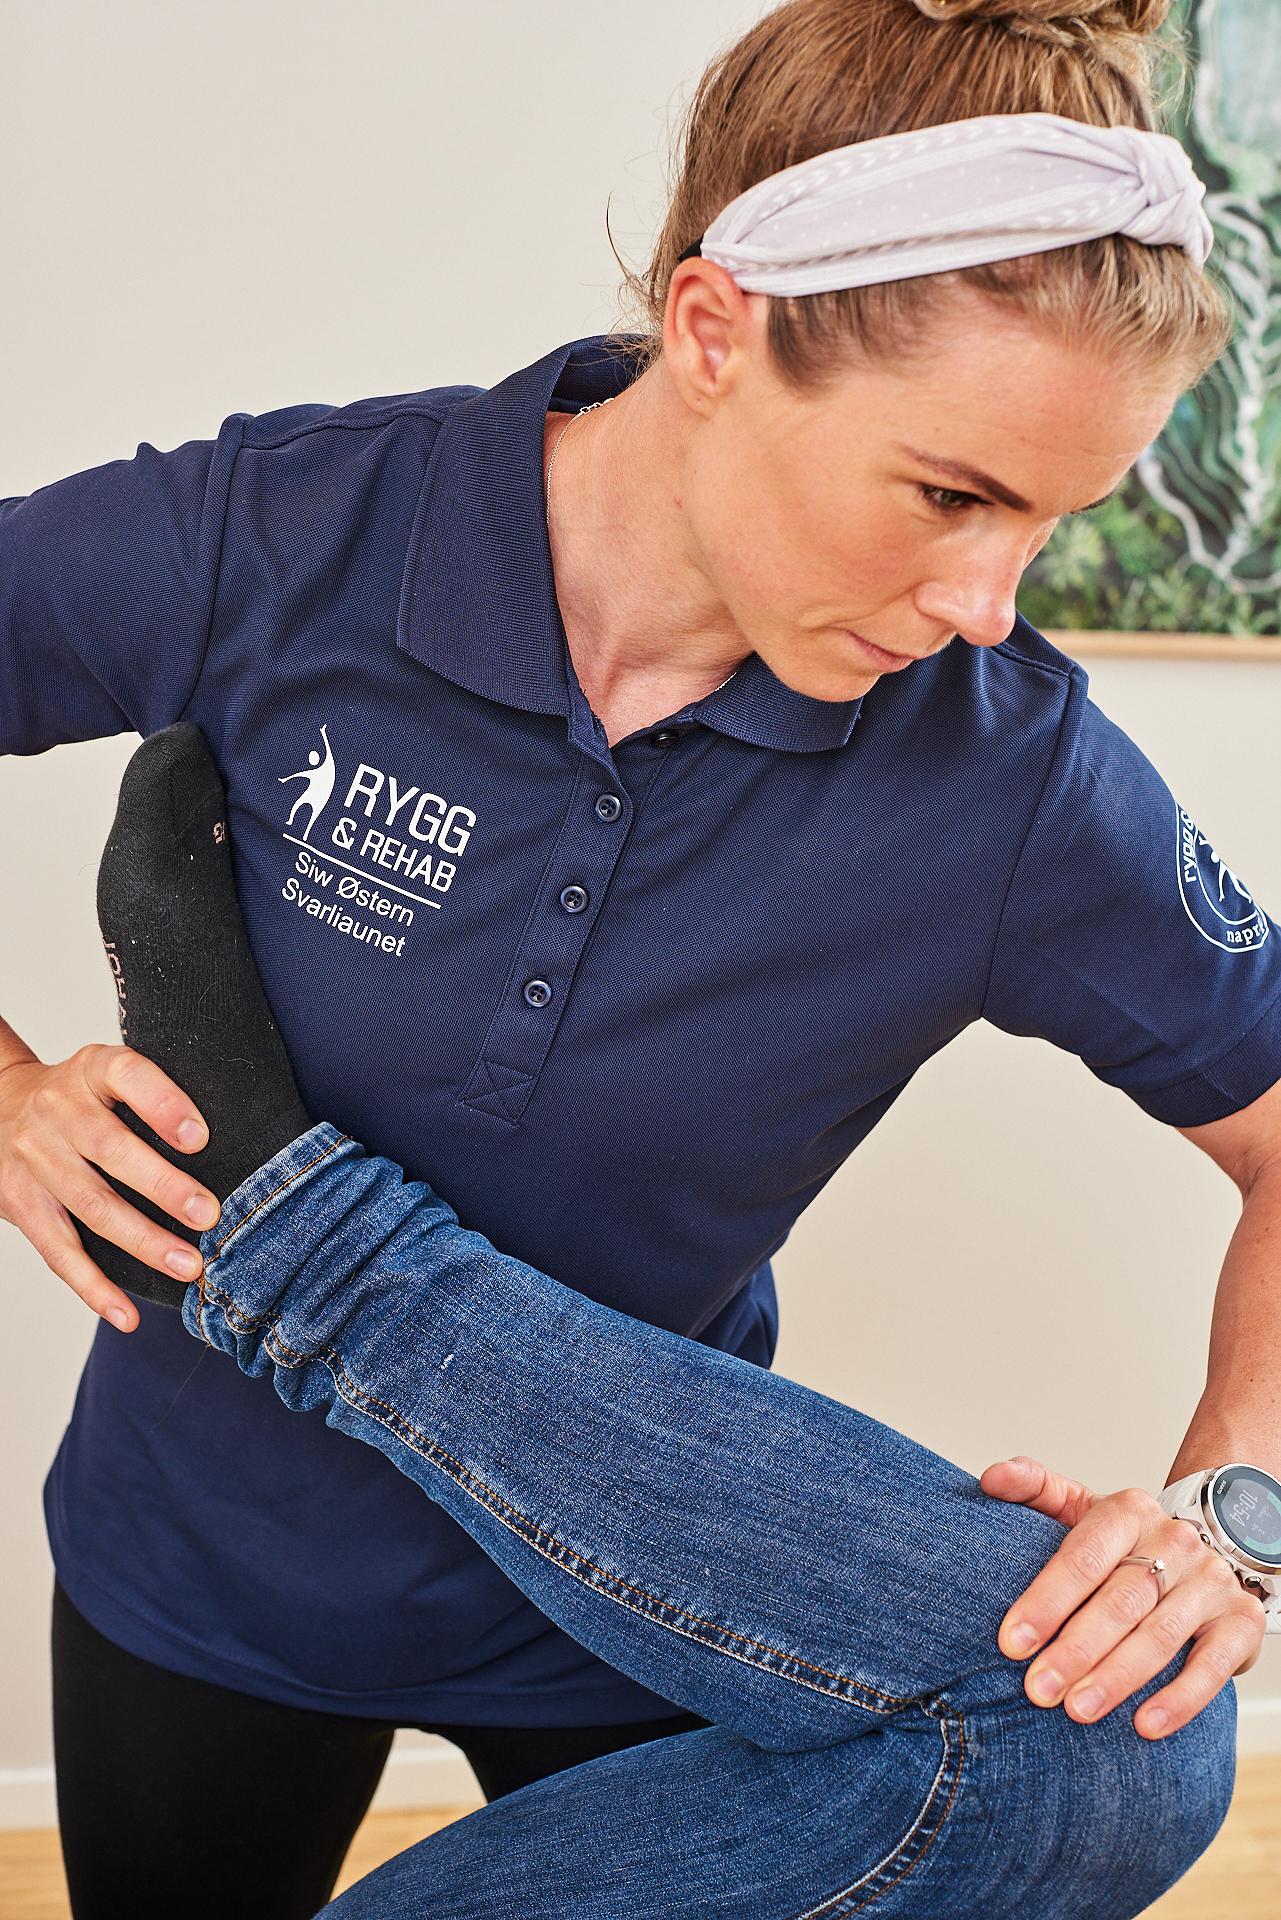 Undersøkelse behandling kne kiropraktor